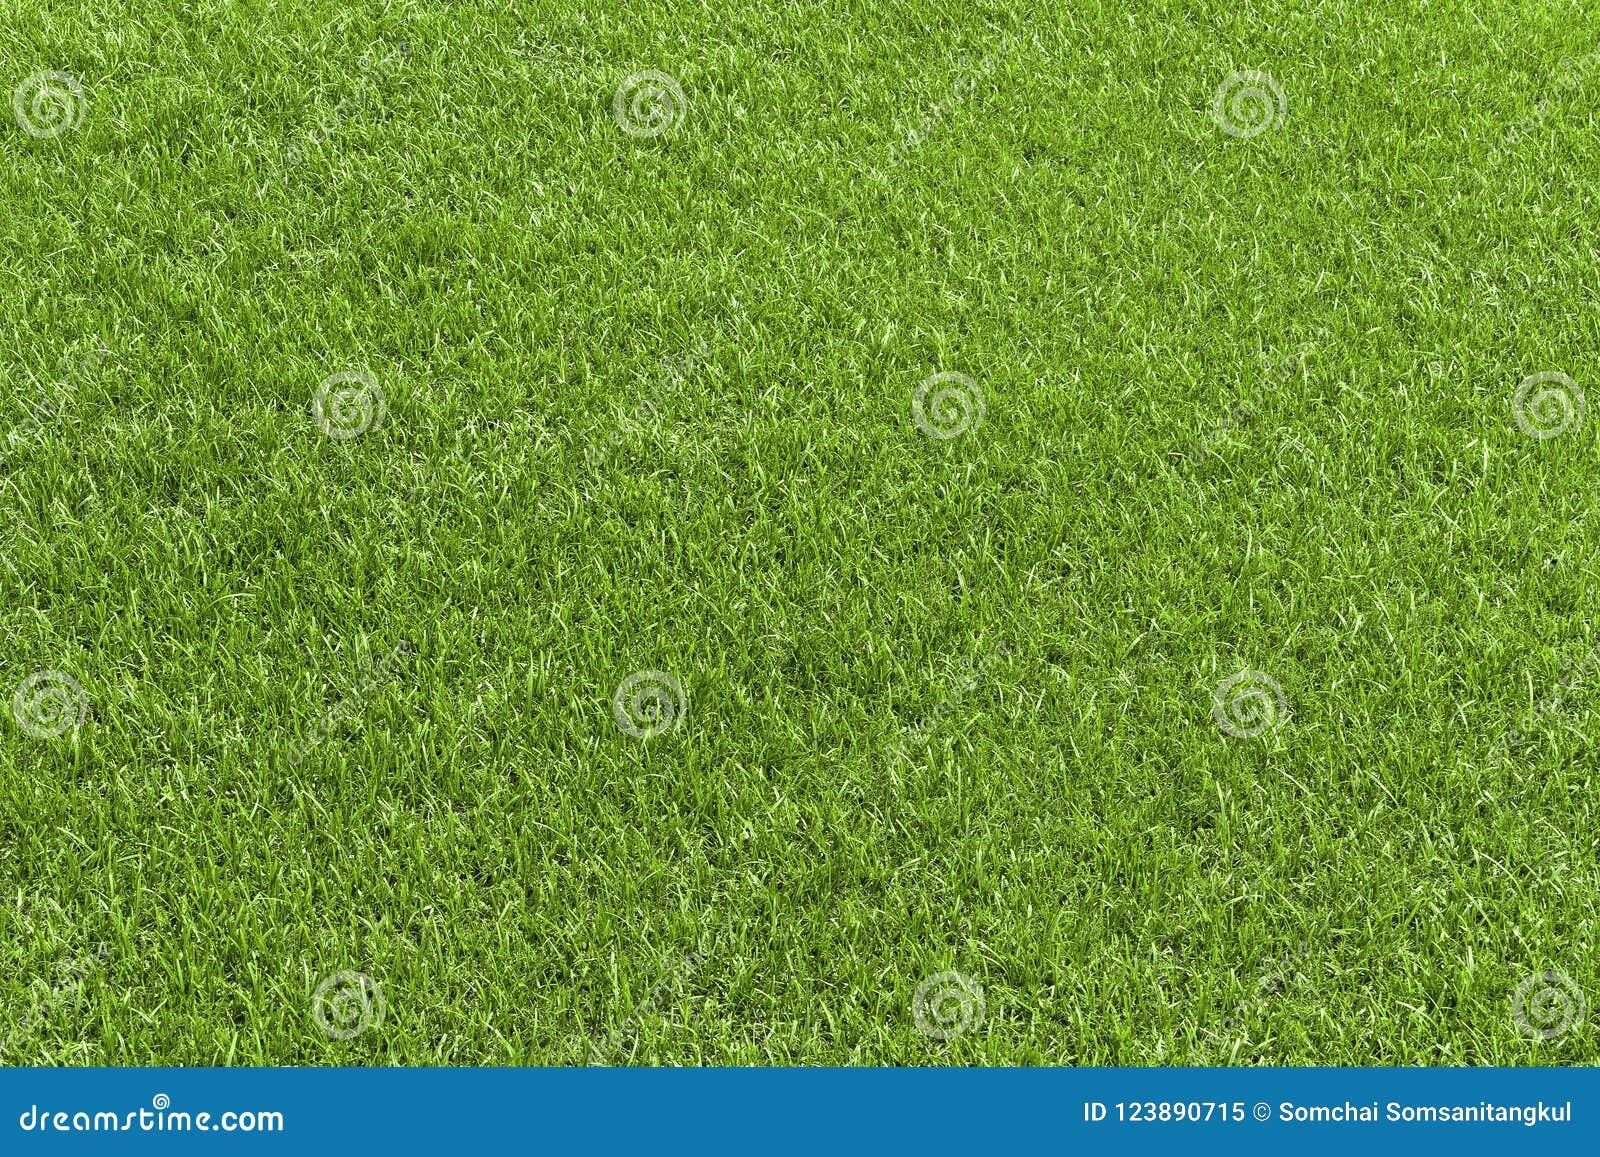 Groen grasgebied, groen lawbgoed voor textuur en achtergrond